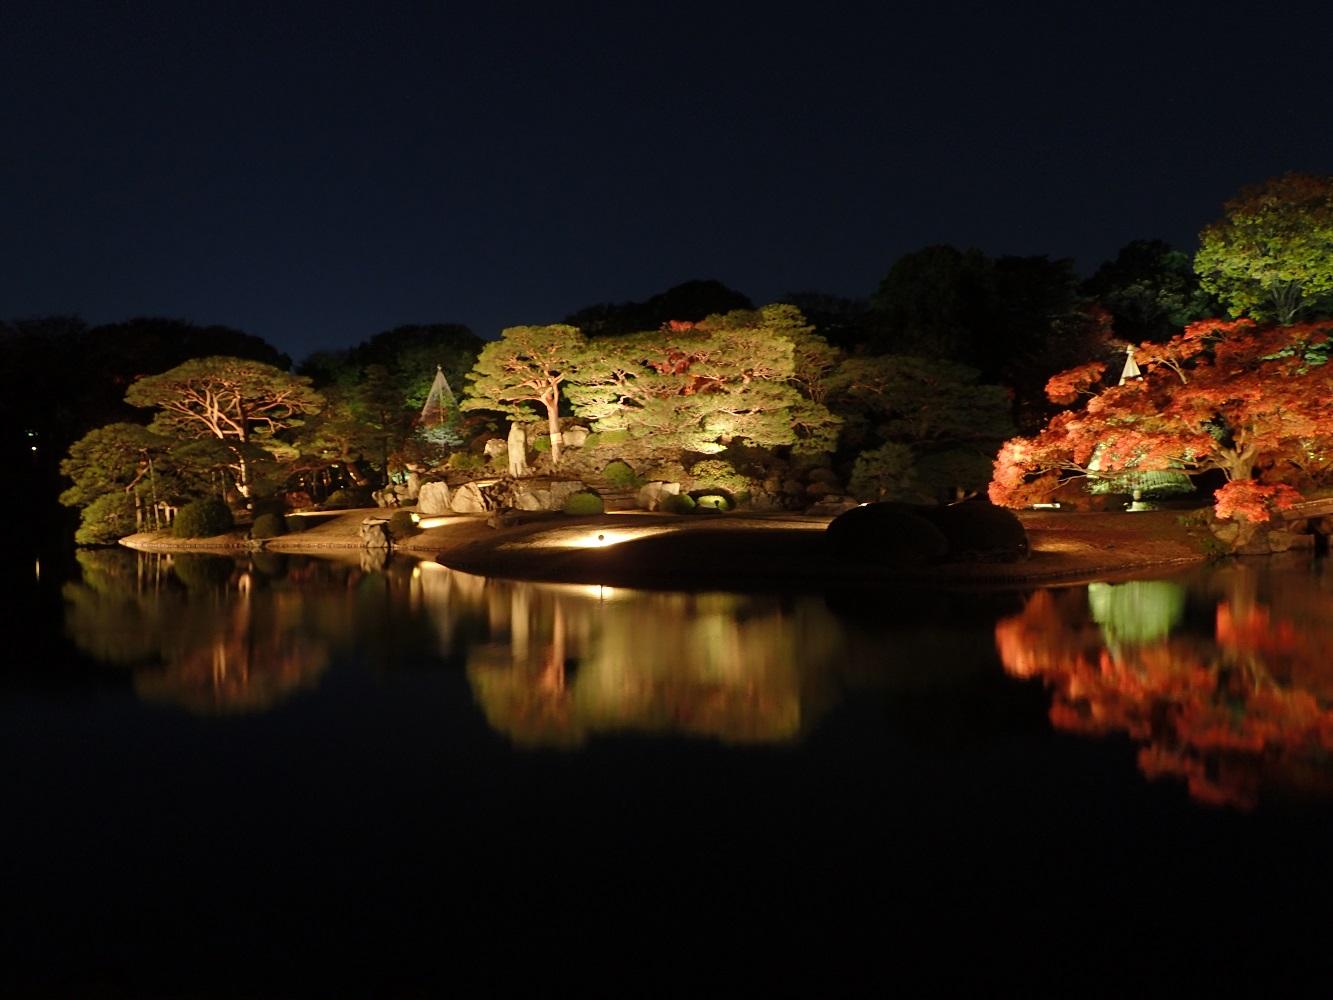 写真提供(いずれも):公益財団法人 東京都公園協会